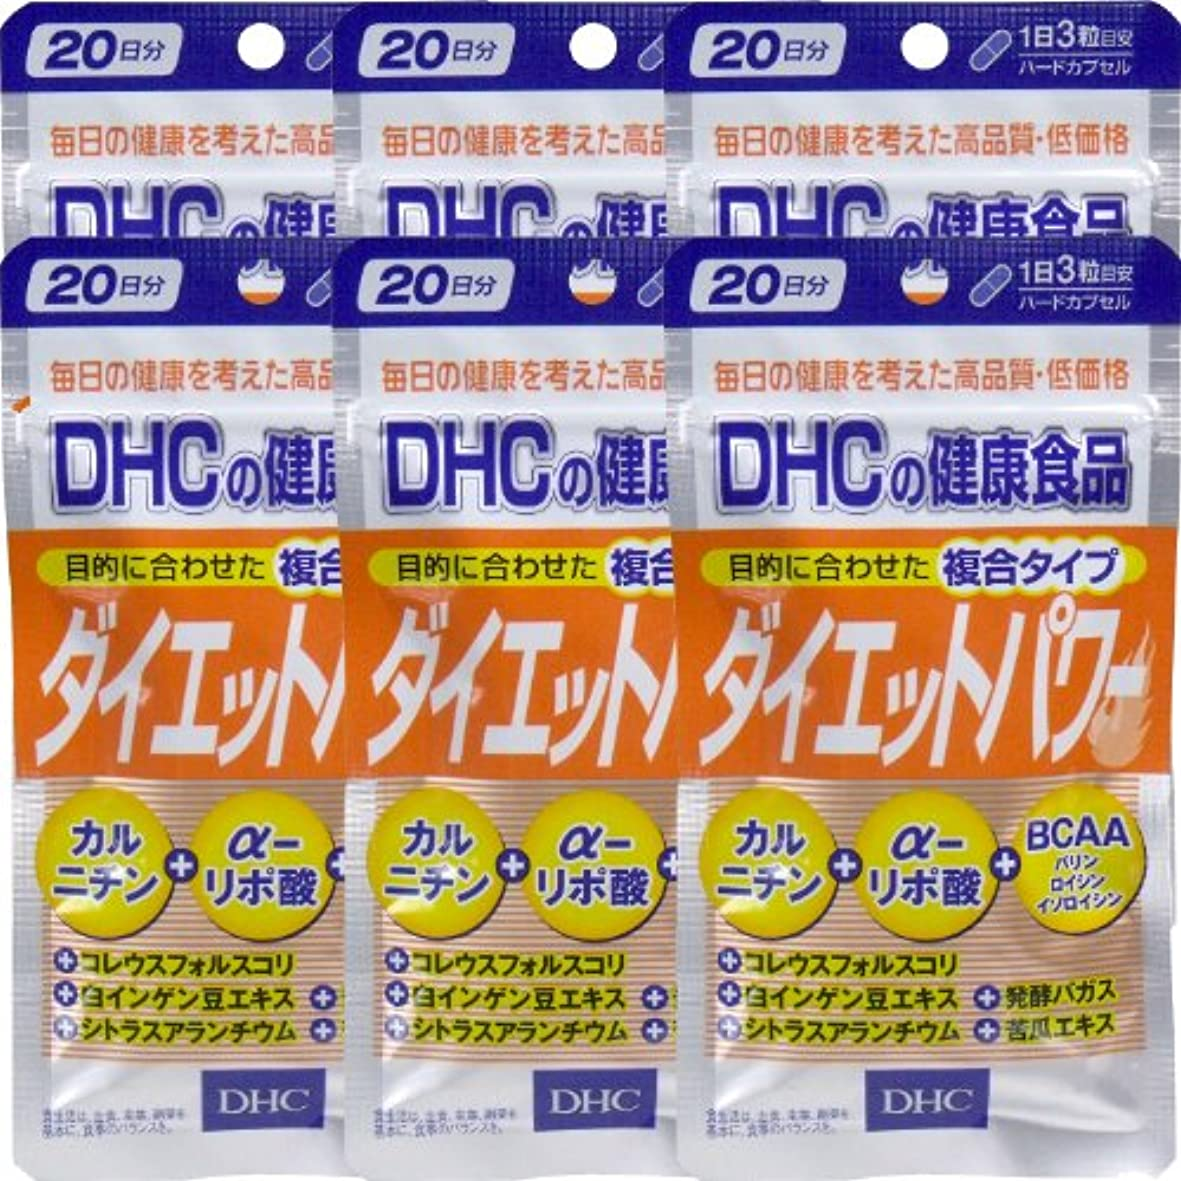 絞るカートリッジ受益者DHC ダイエットパワー 20日分(60粒) ×6個